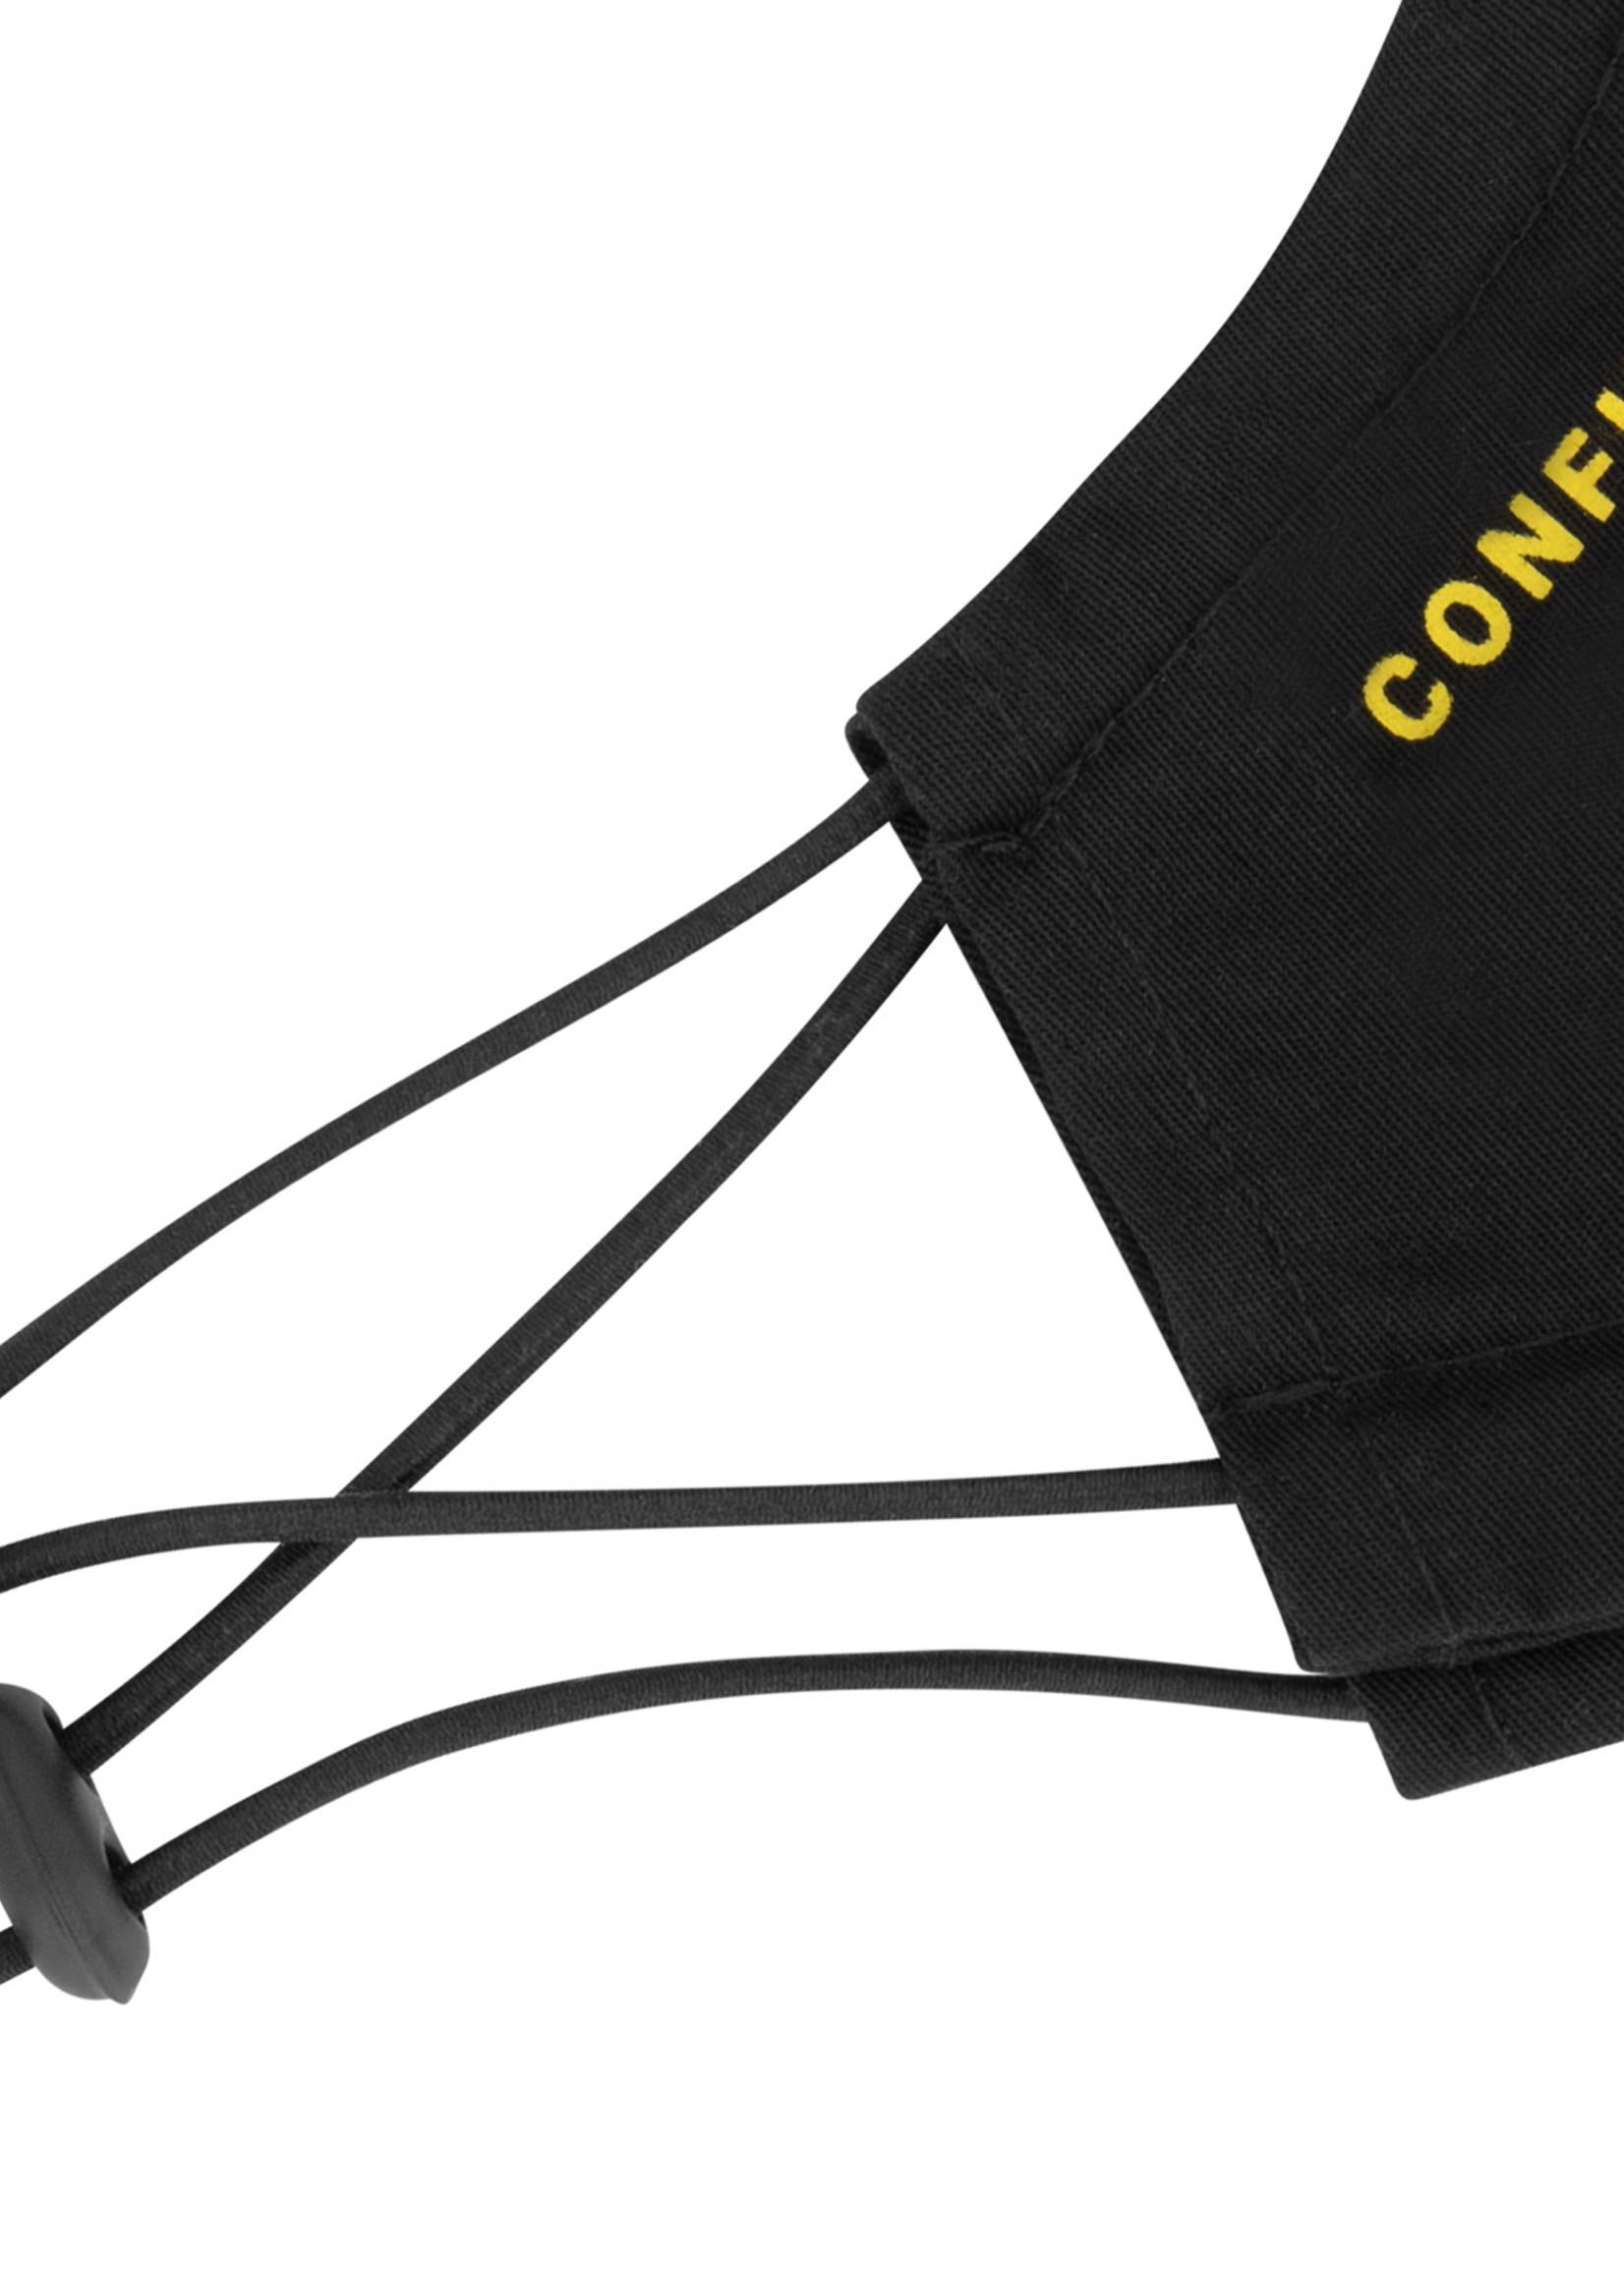 Confirm mondkapje set van 2 - zwart/geel